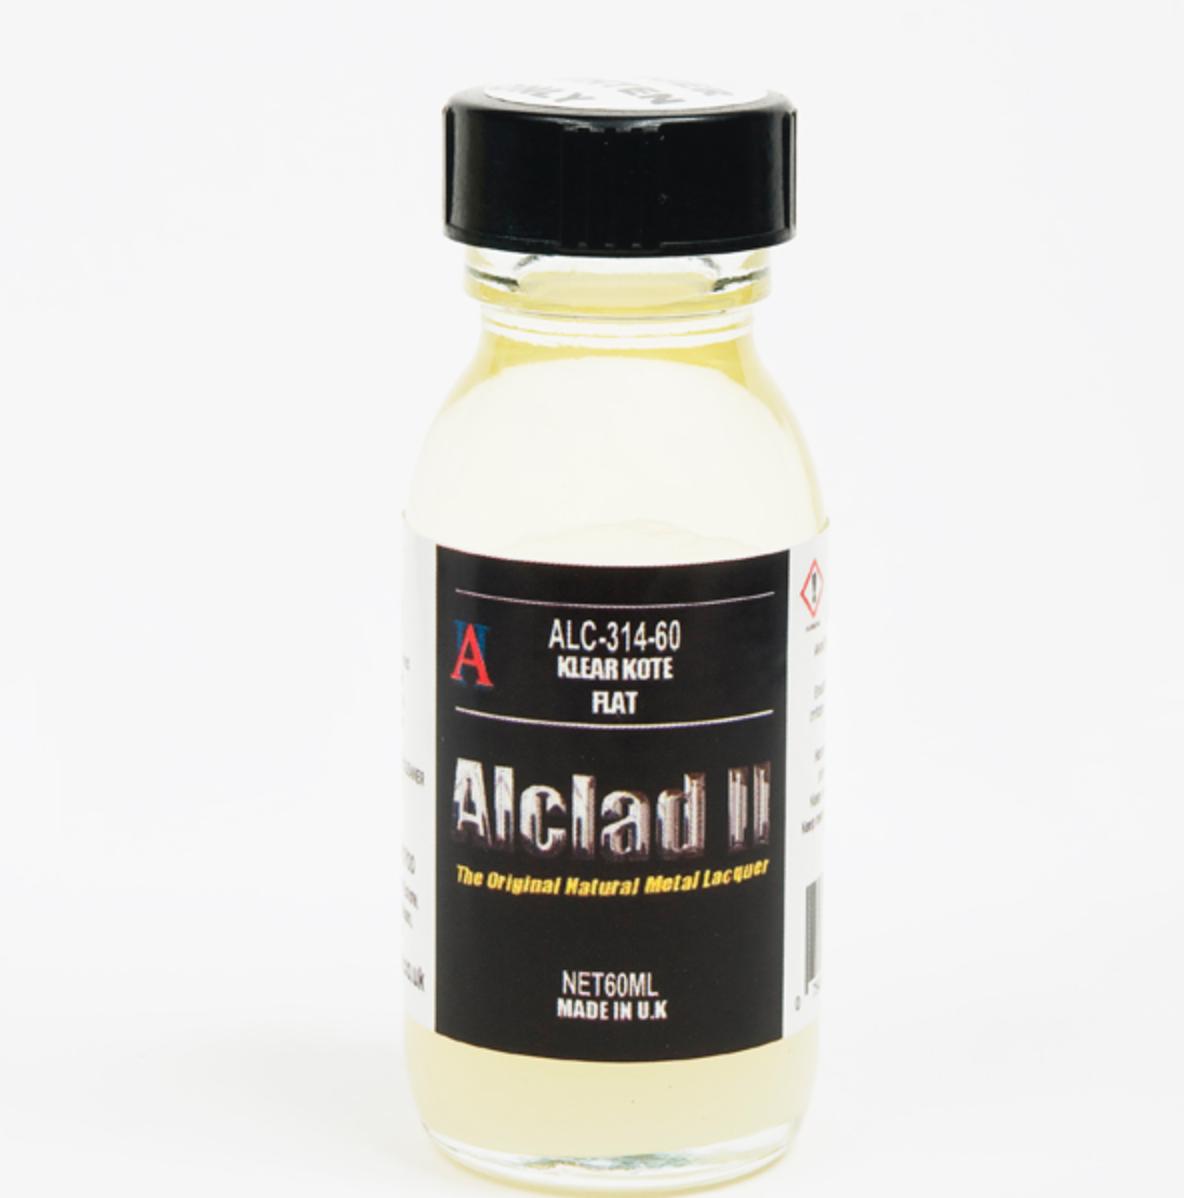 ALC314-60